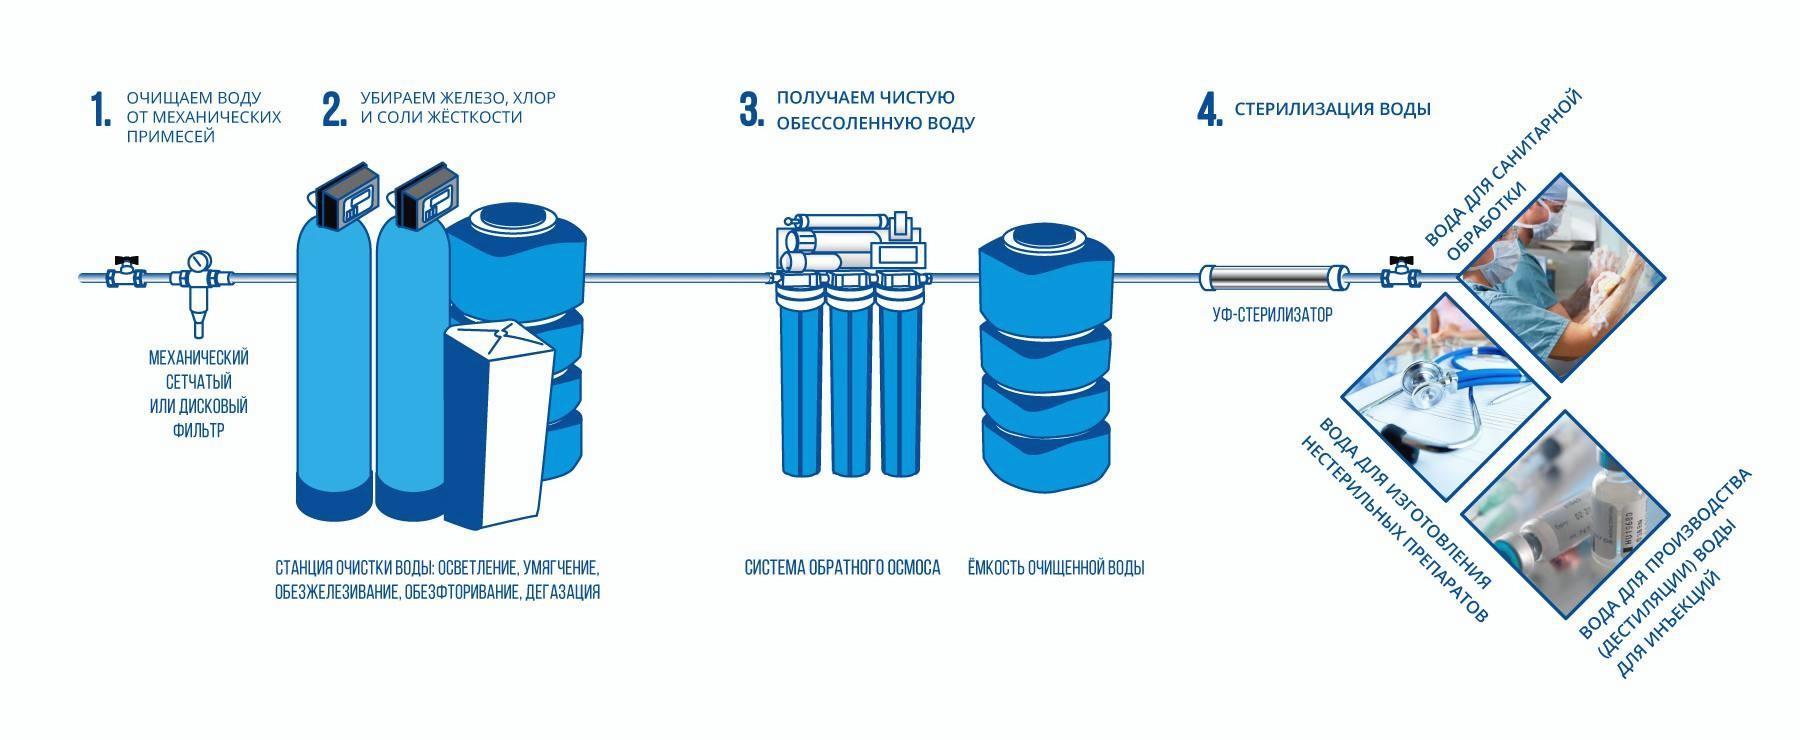 Схема водоподготовки больницы